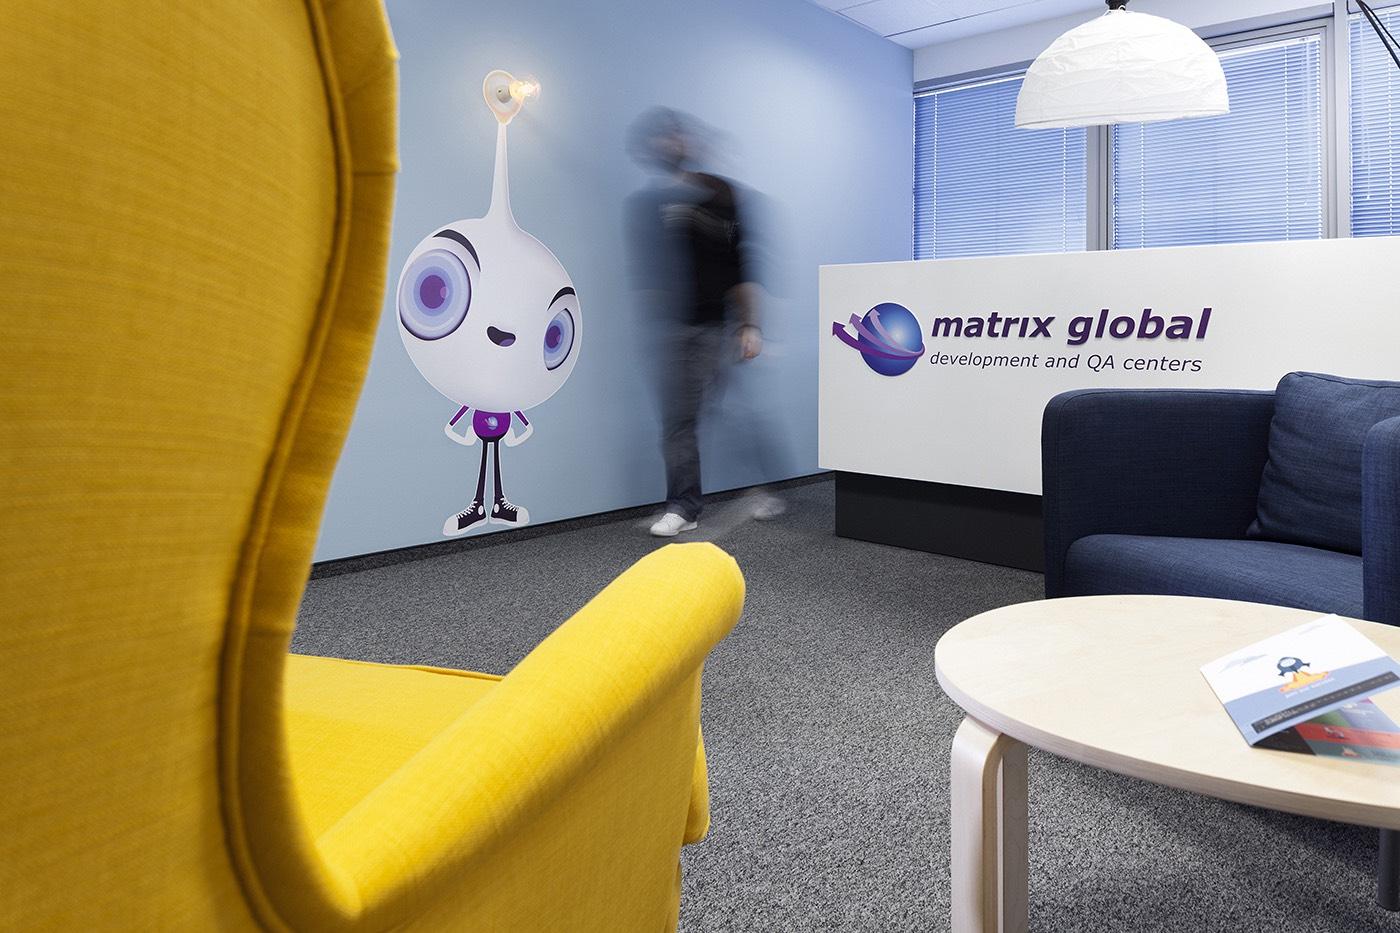 matrix-global-sofia-office-2